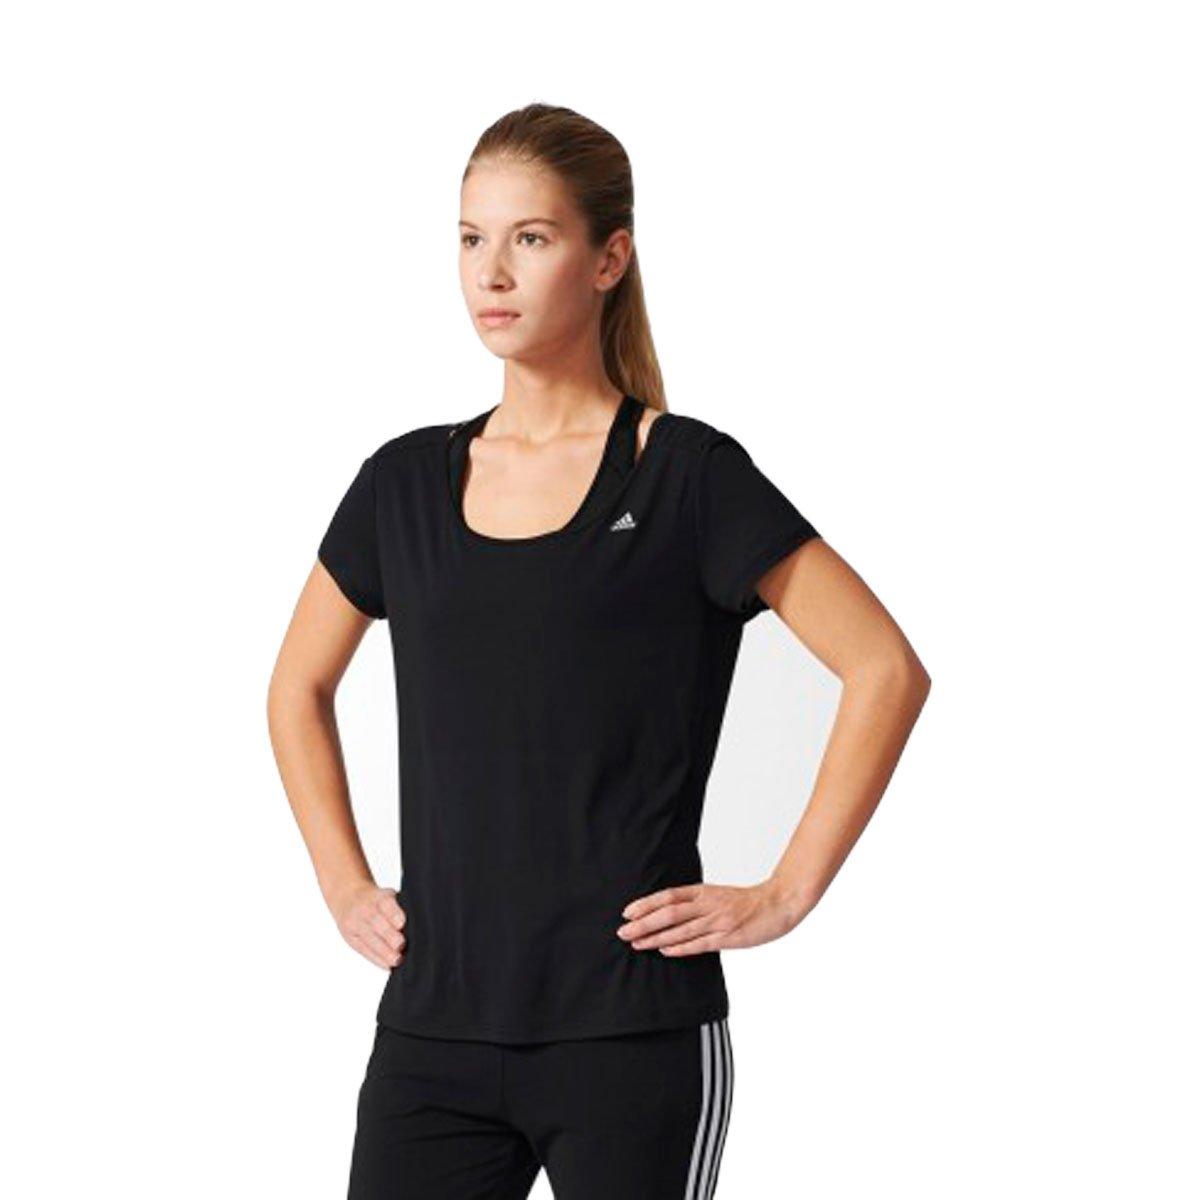 34e452d783 Bizz Store - Camiseta Feminina Adidas ESS Clima LW W Preto